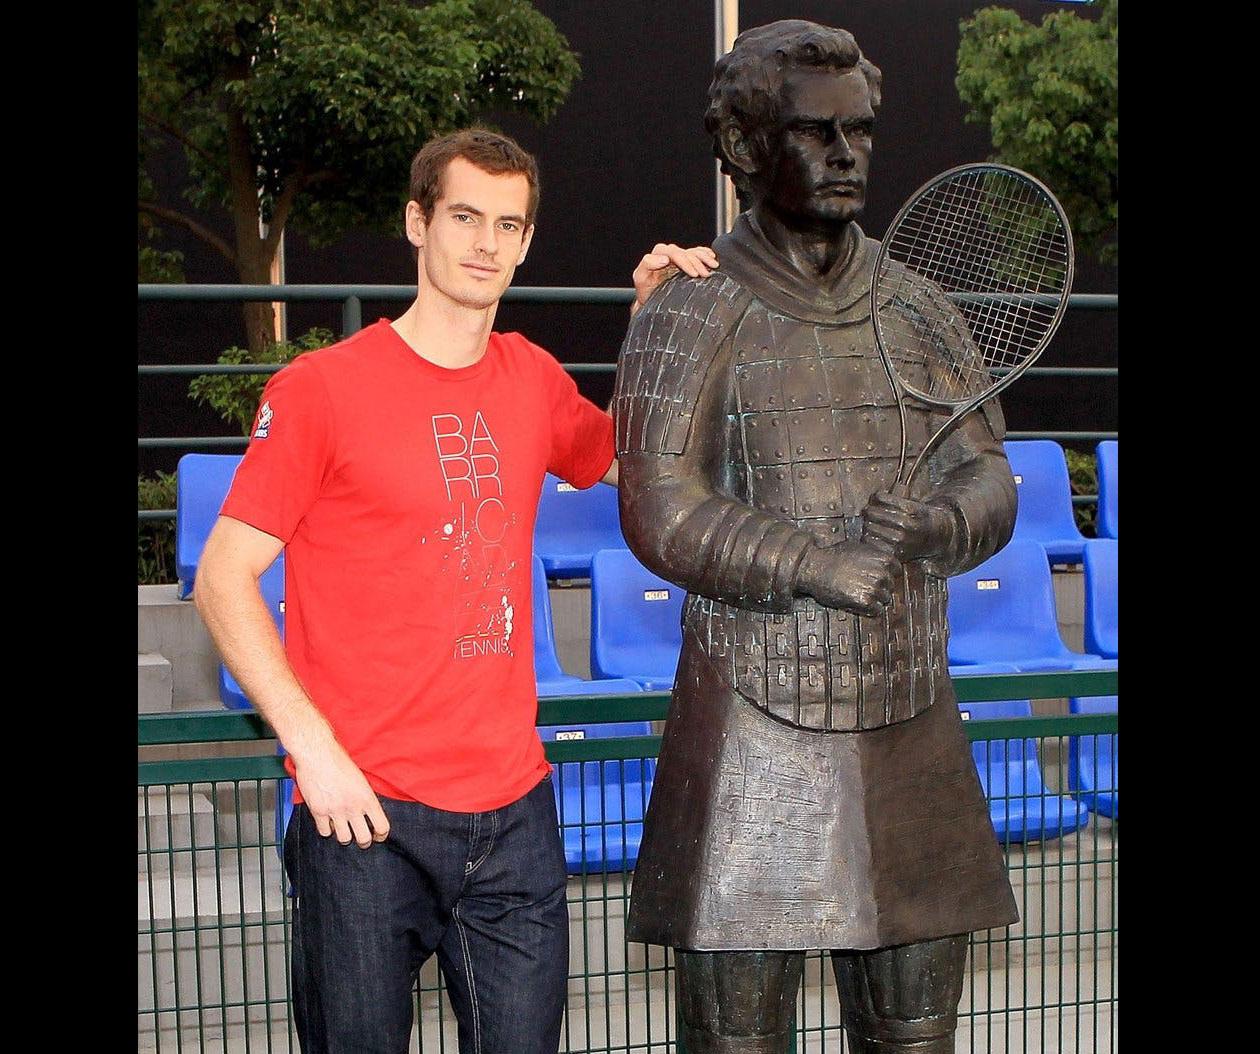 El tenista escocés reveló su escultura en el Shanghai Rolex Masters 2011, en donde decidieron hacer una fusión entre los guerreros terracota y los deportistas. Murray tomó con gracia su escultura sobre la cual, los medios aseguran que se parece más a su madre que a él.